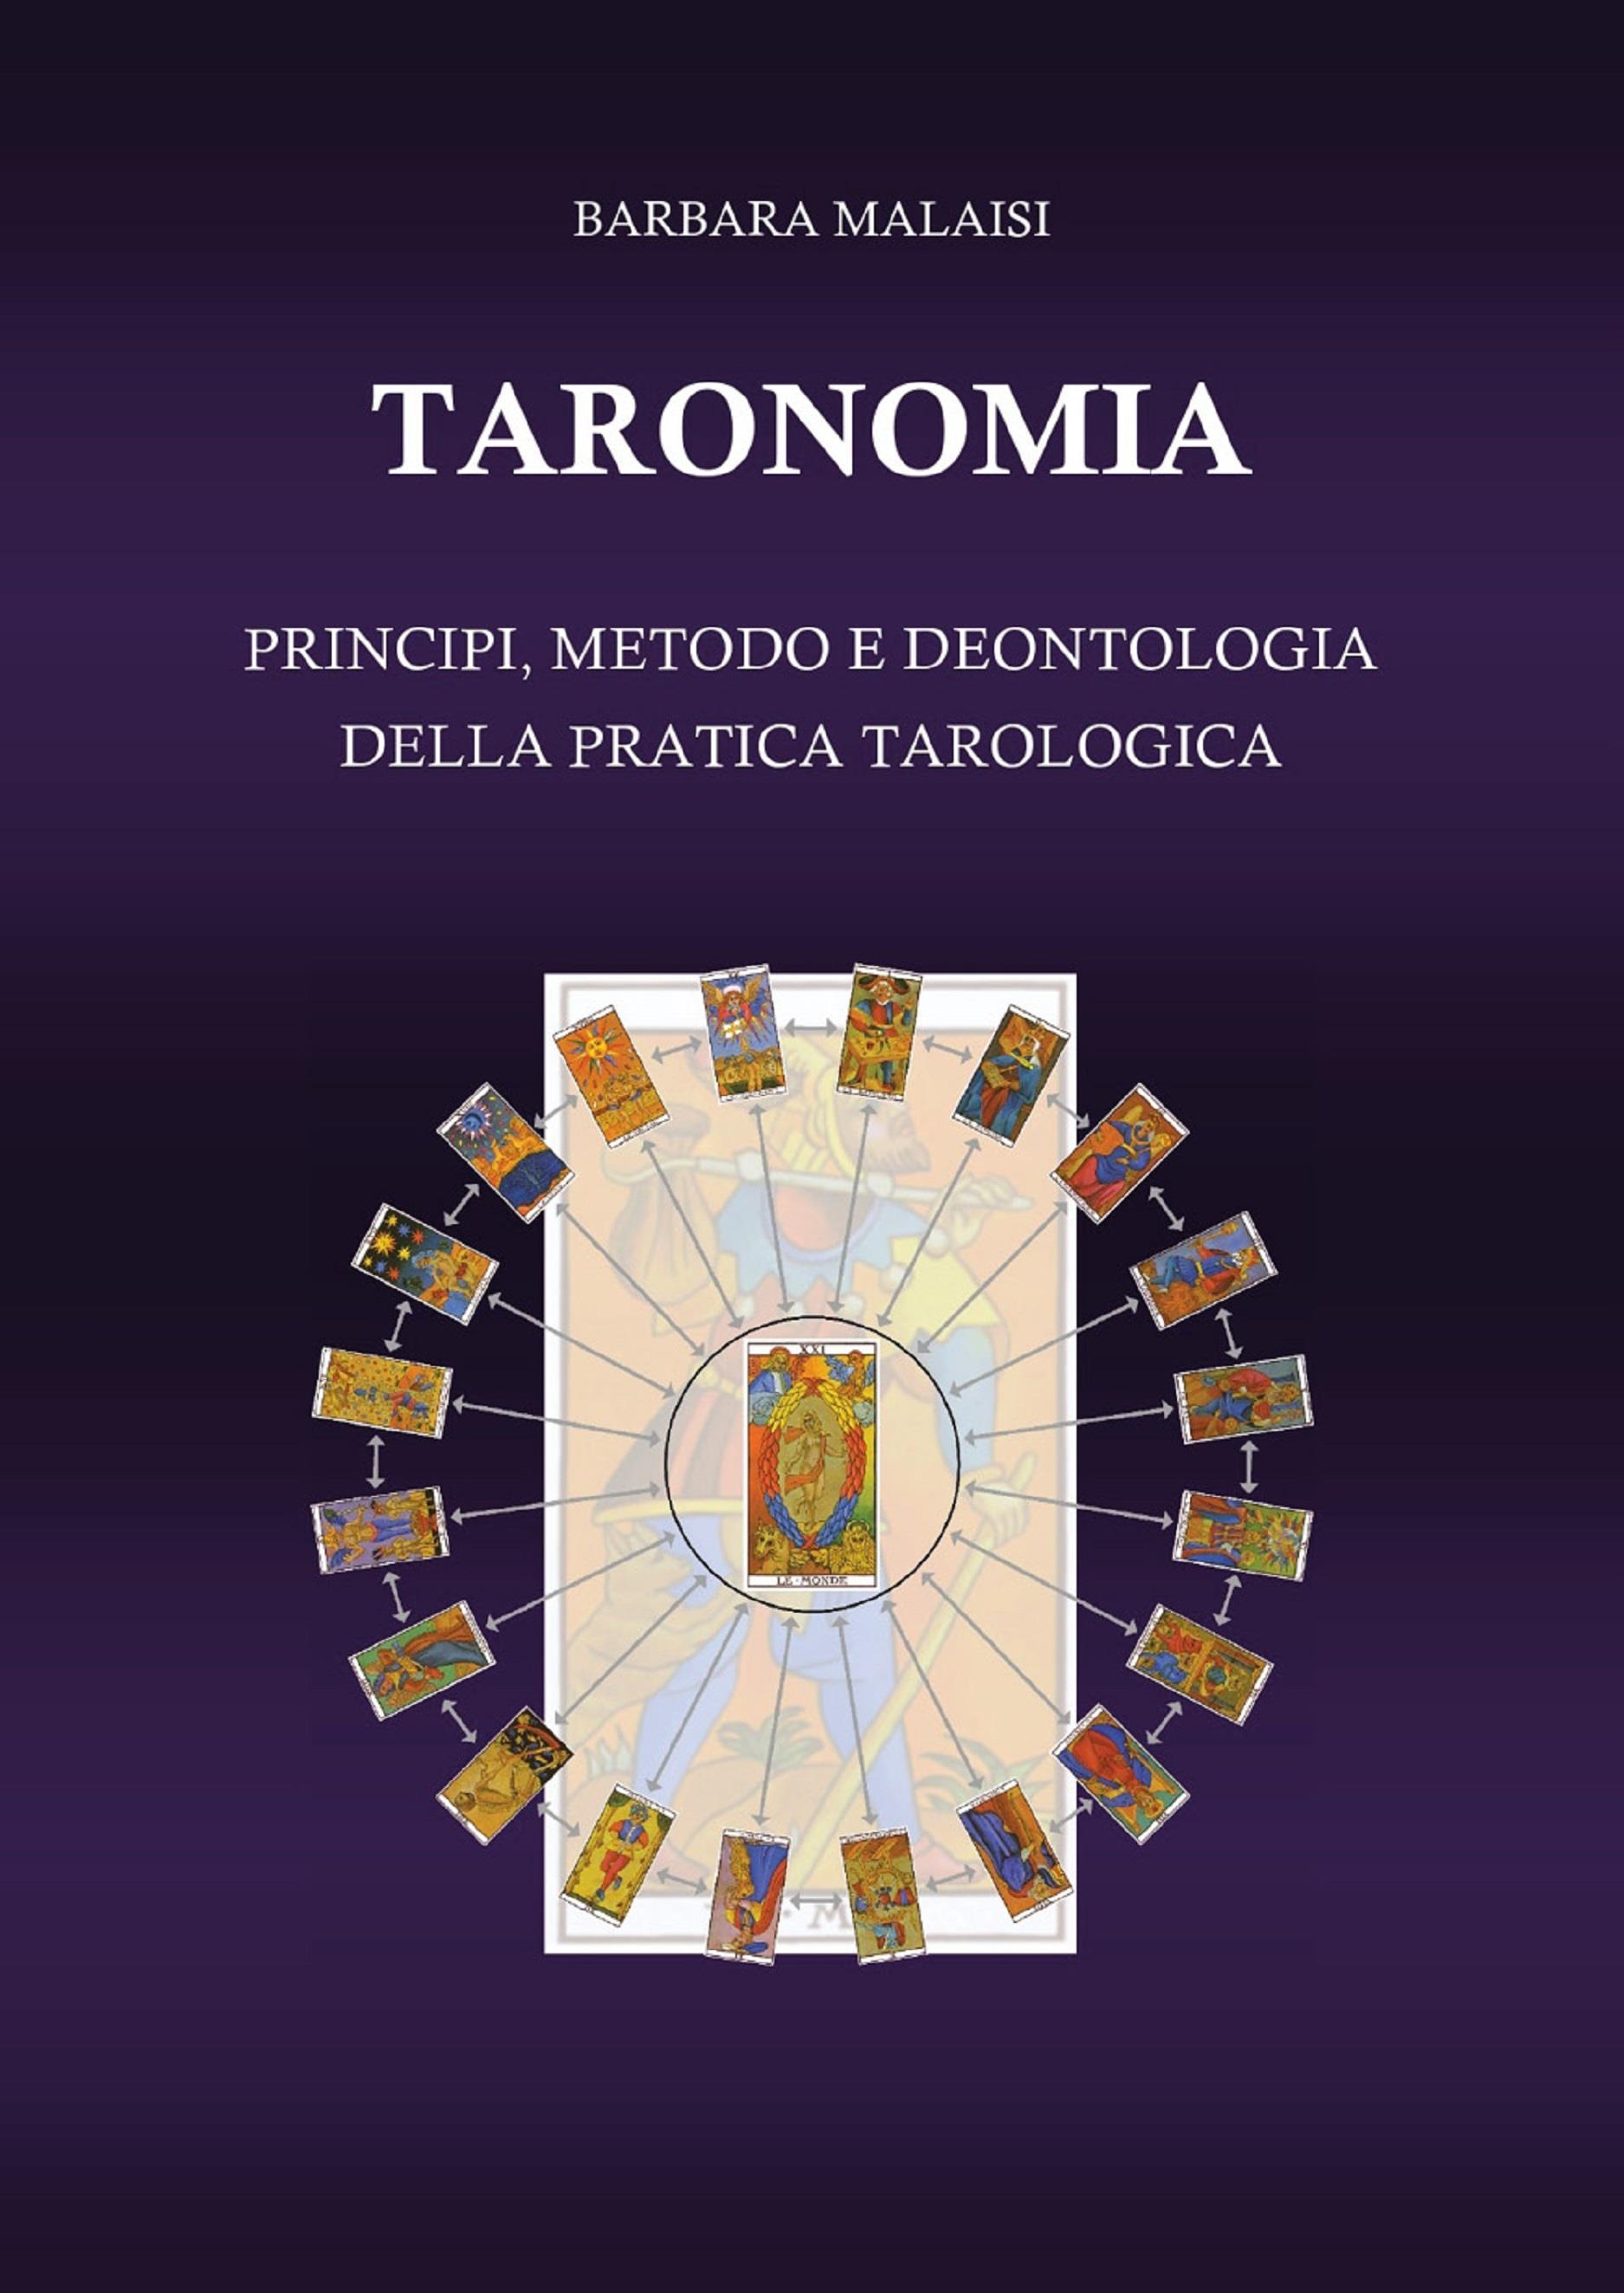 Taronomia. Principi, metodo e deontologia della pratica tarologica